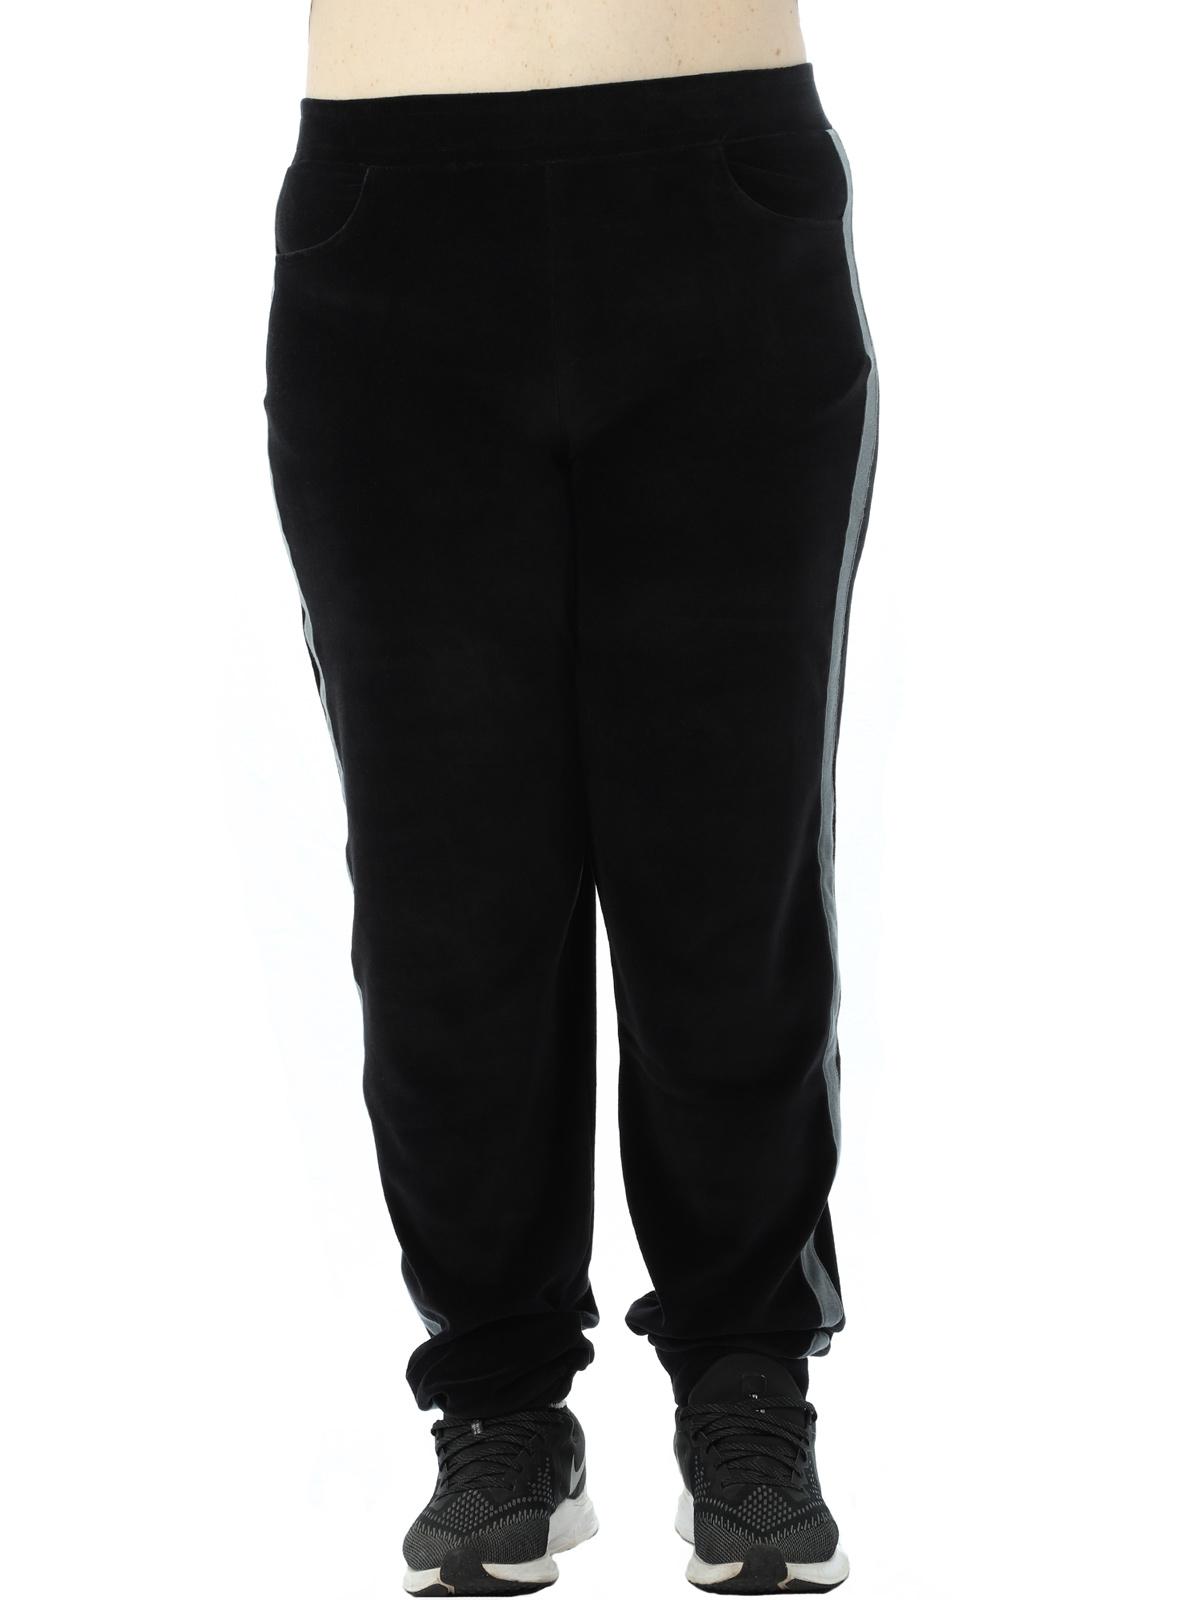 Calça Plus Size Feminina Com faixa Lateral De Plush Preta